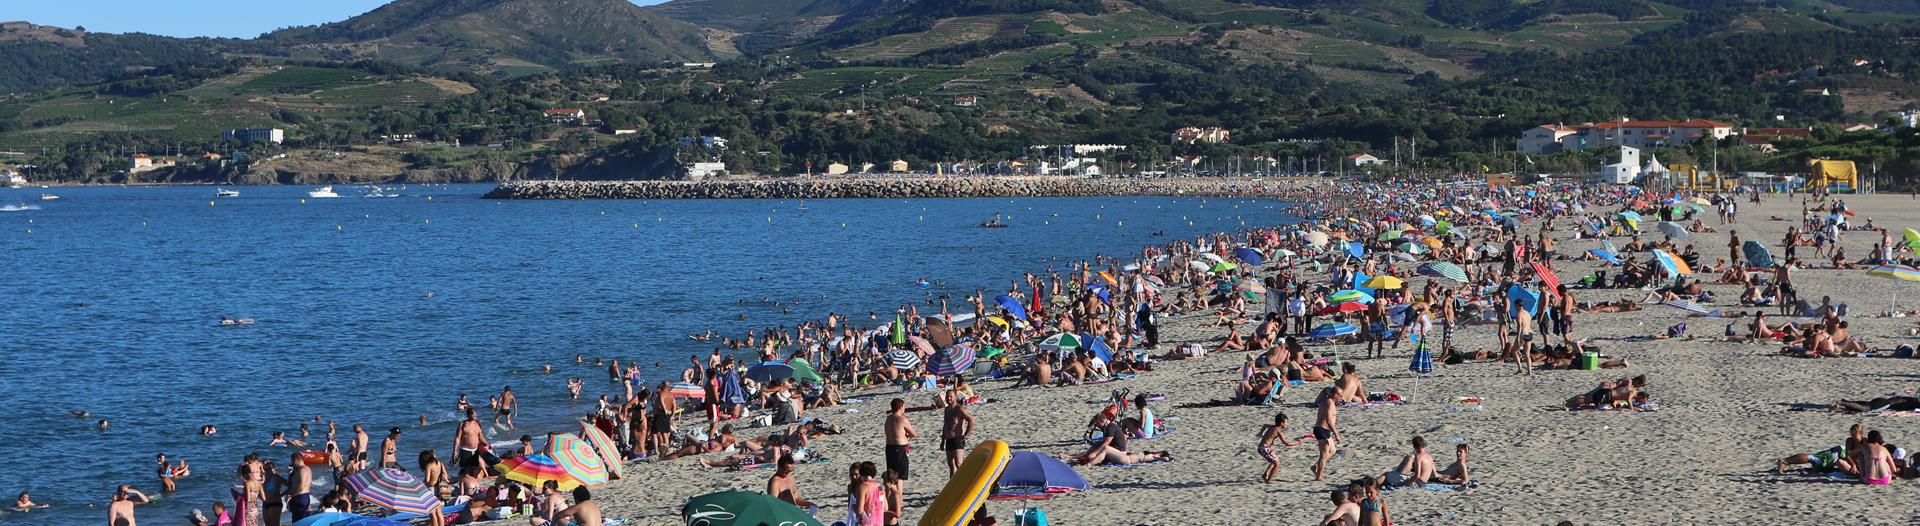 camping les marsouins--argeles-sur-mer_plage